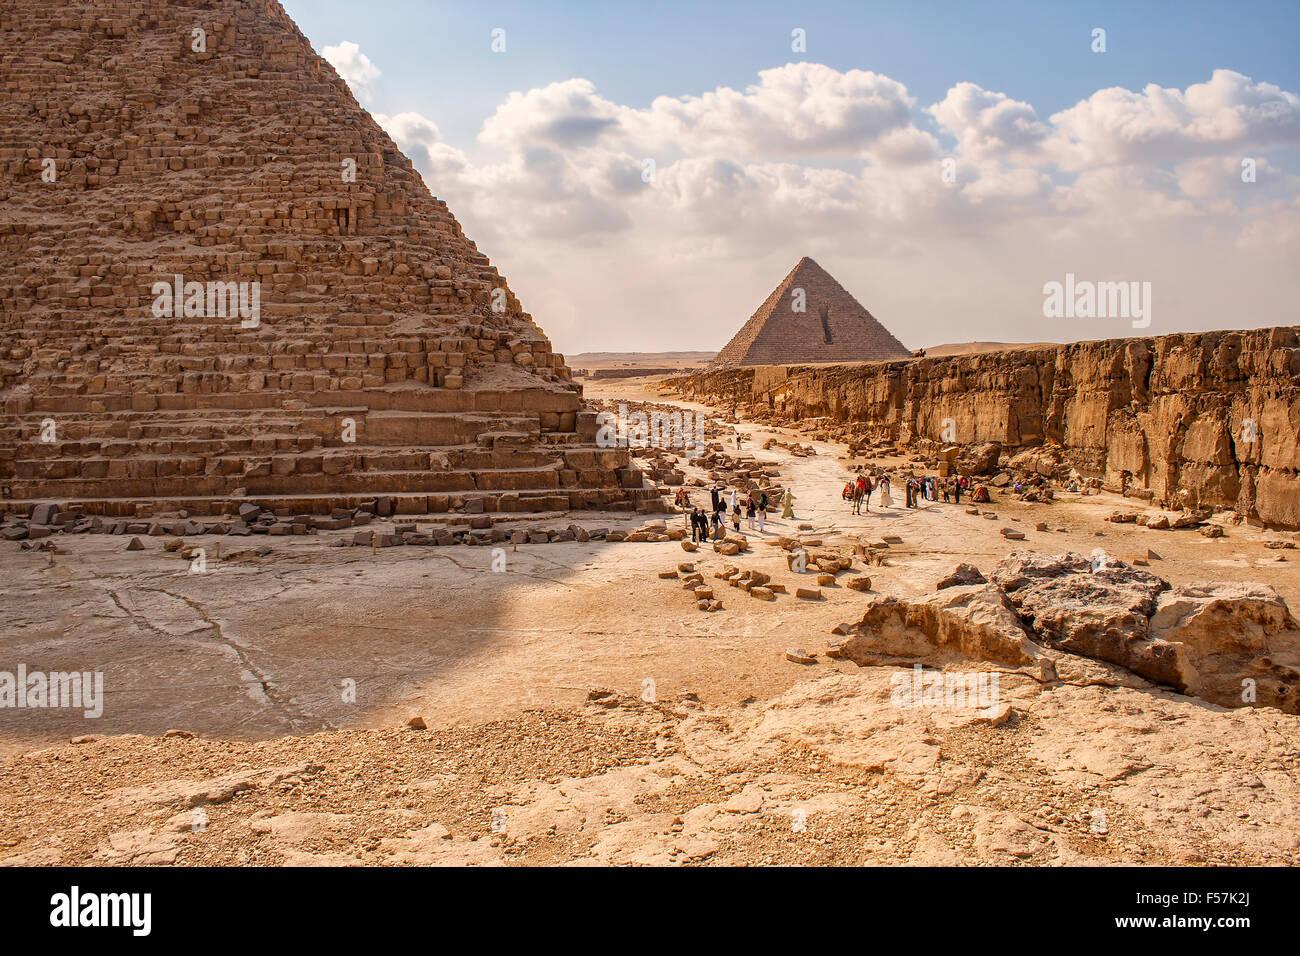 Immagine delle piramidi di Giza in Egitto. Immagini Stock